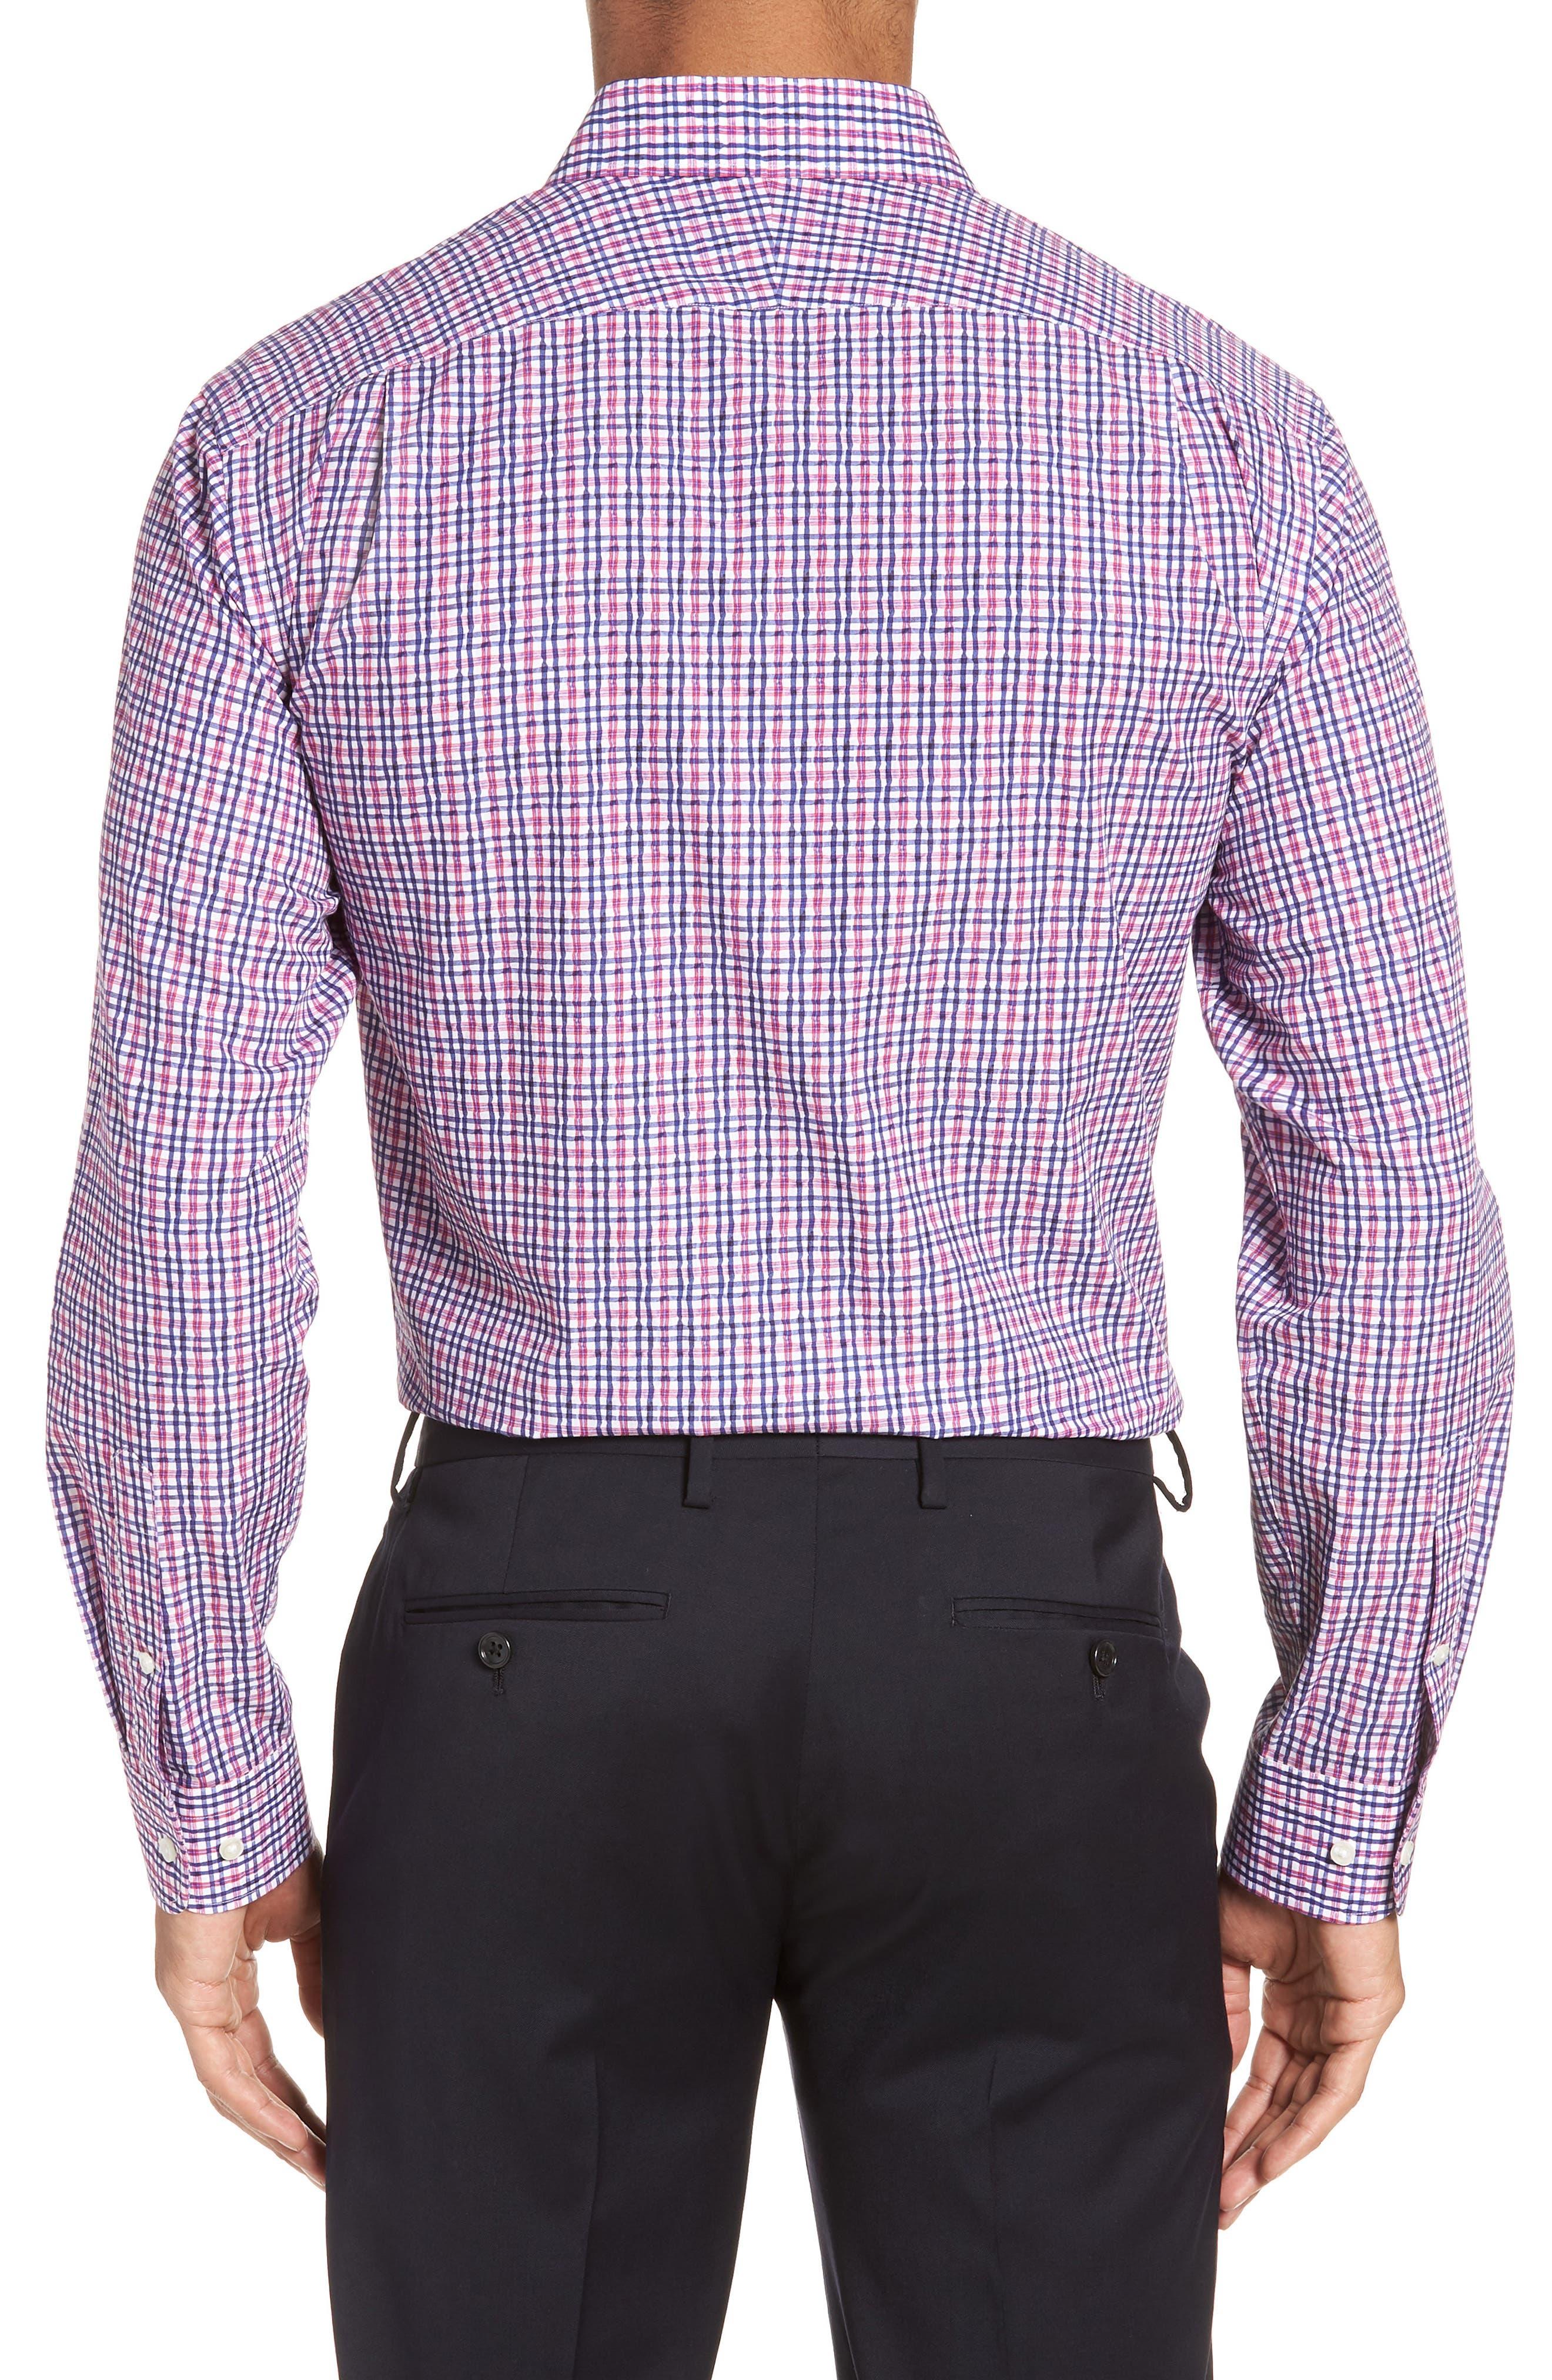 Trim Fit Plaid Dress Shirt,                             Alternate thumbnail 3, color,                             660